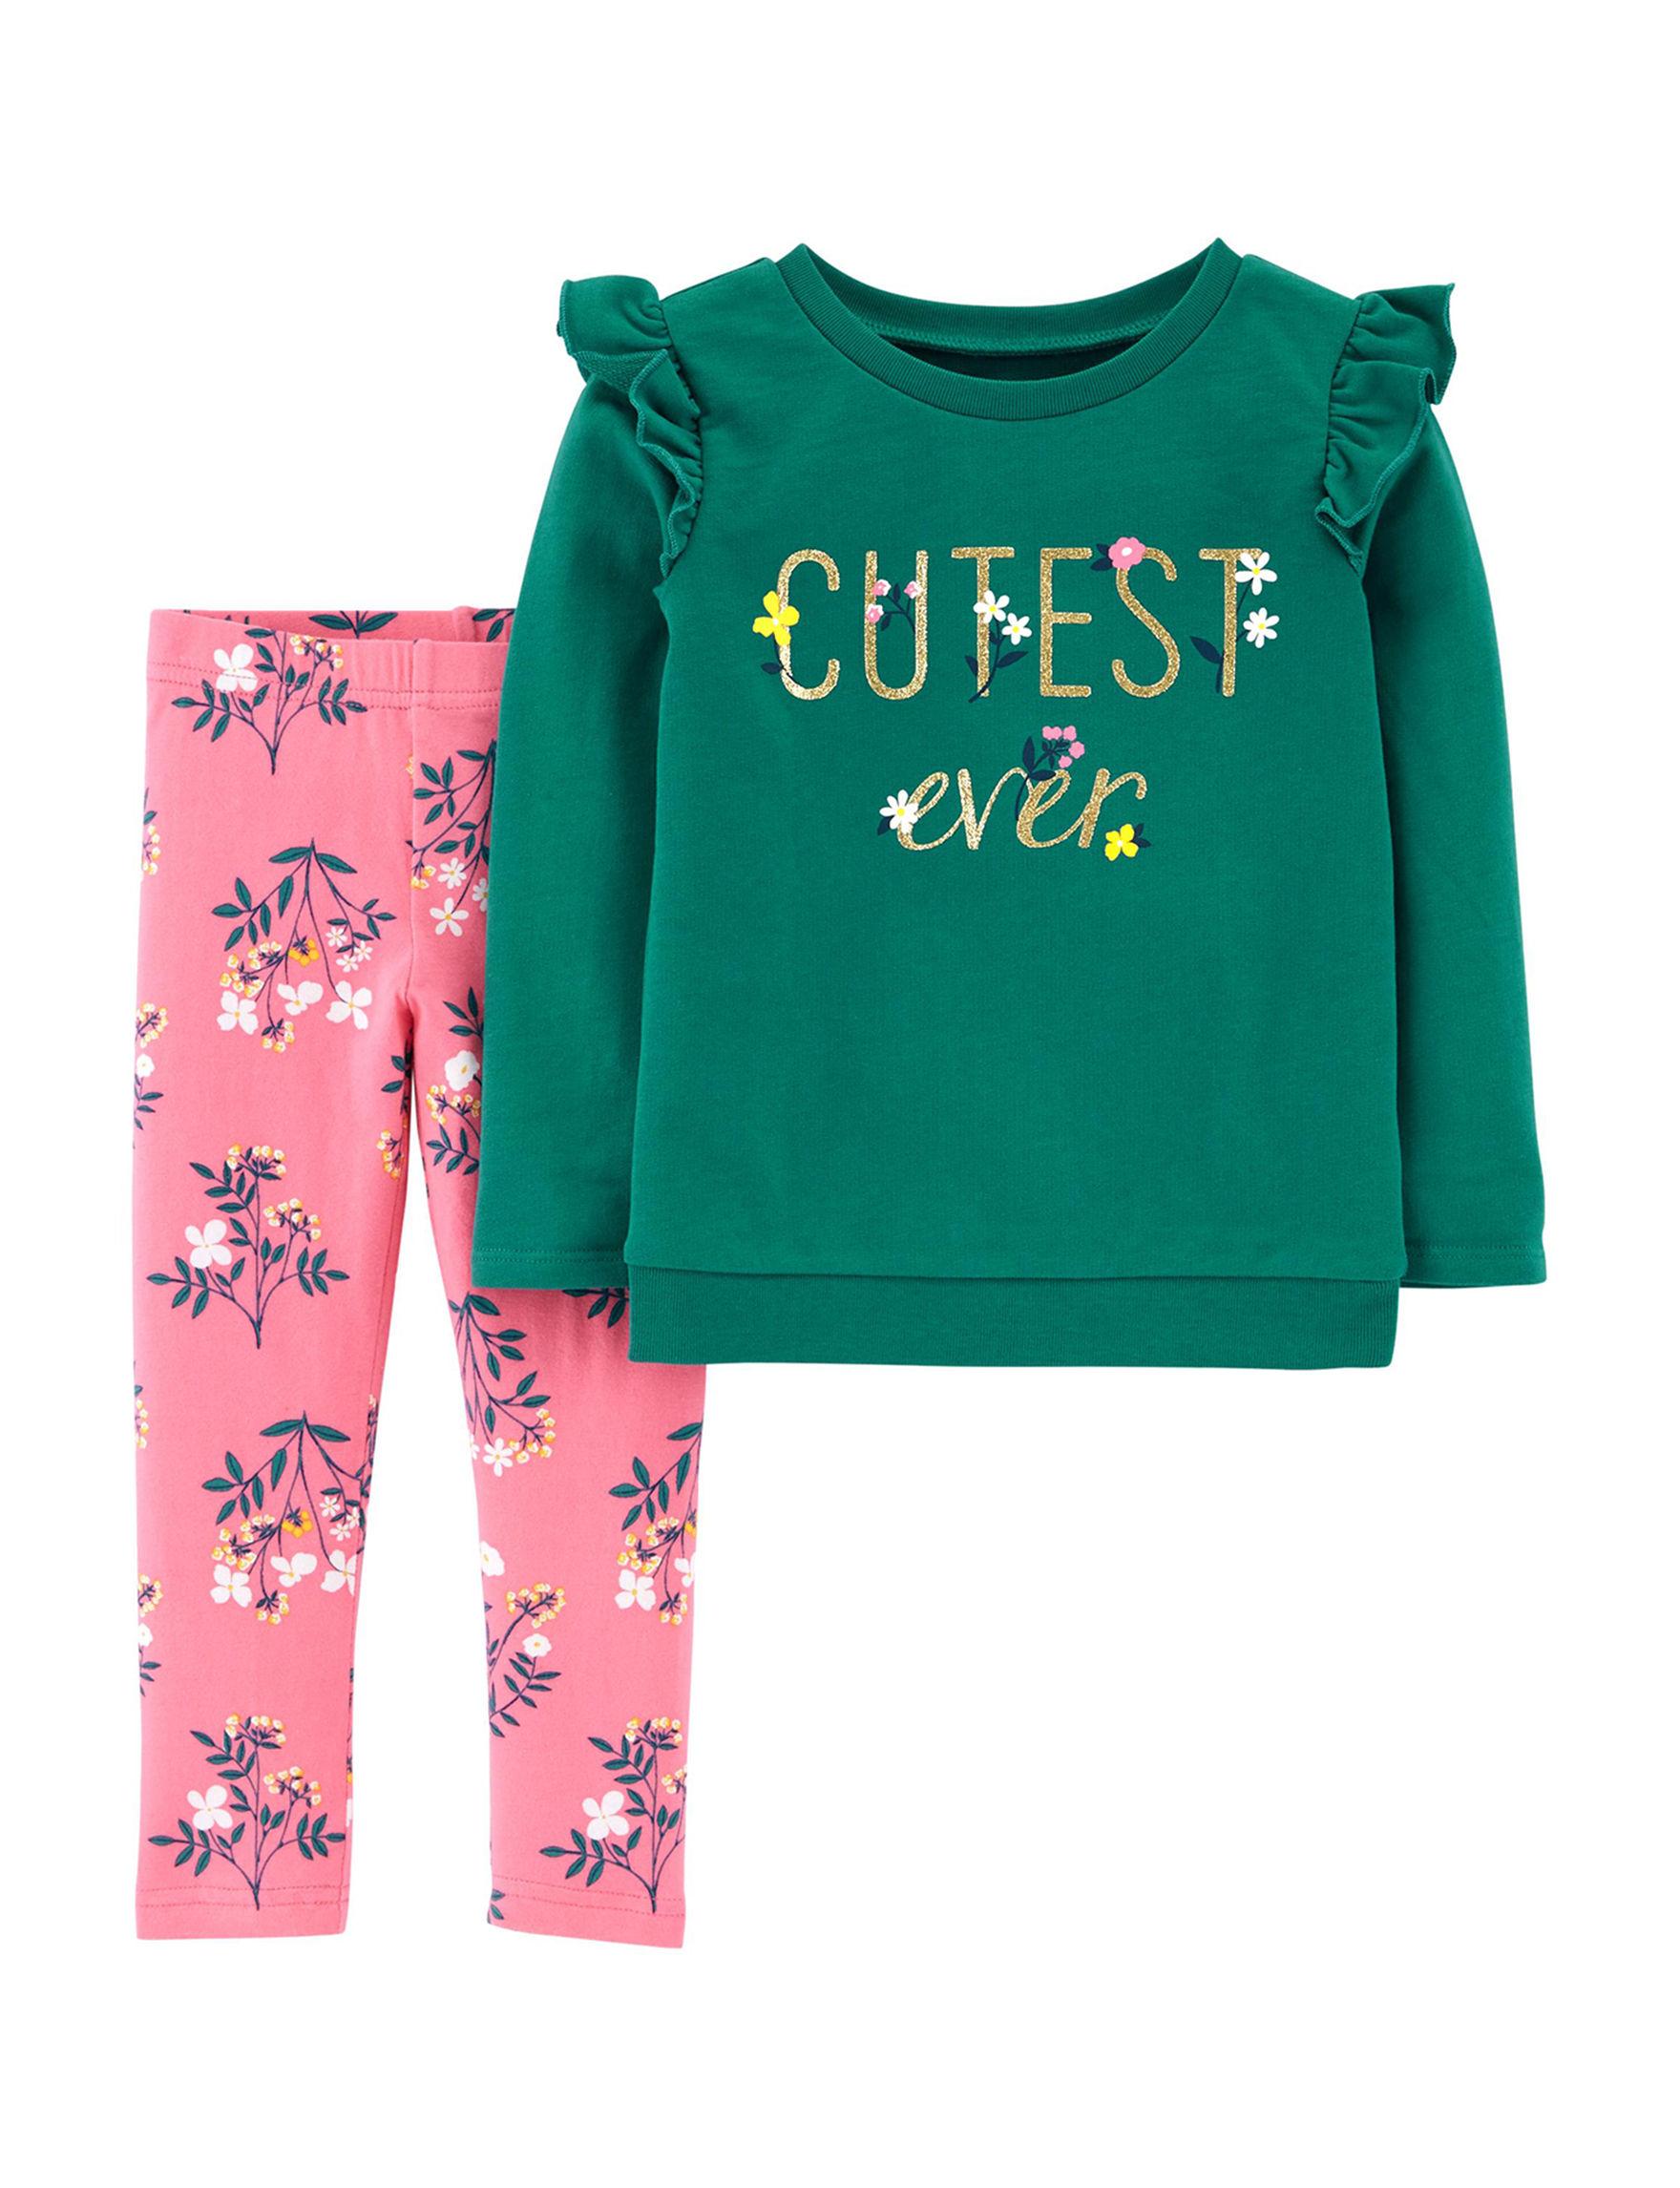 Carter's Green / Pink